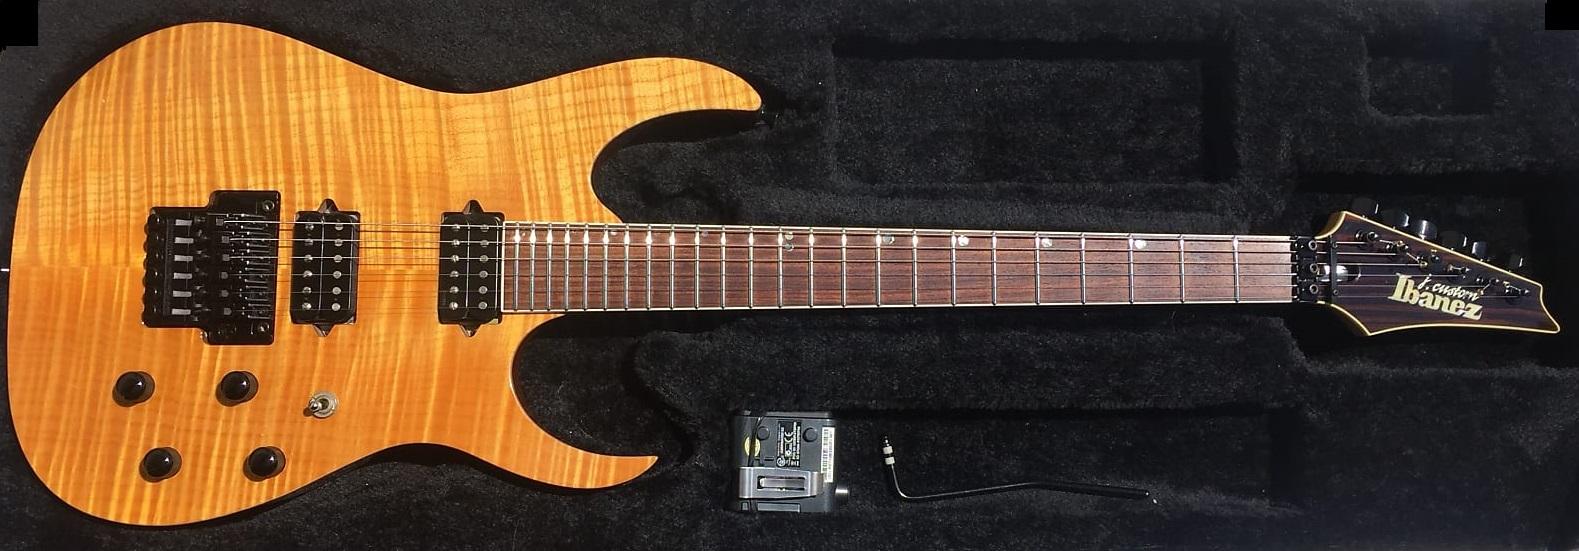 2002 RG8520 LA